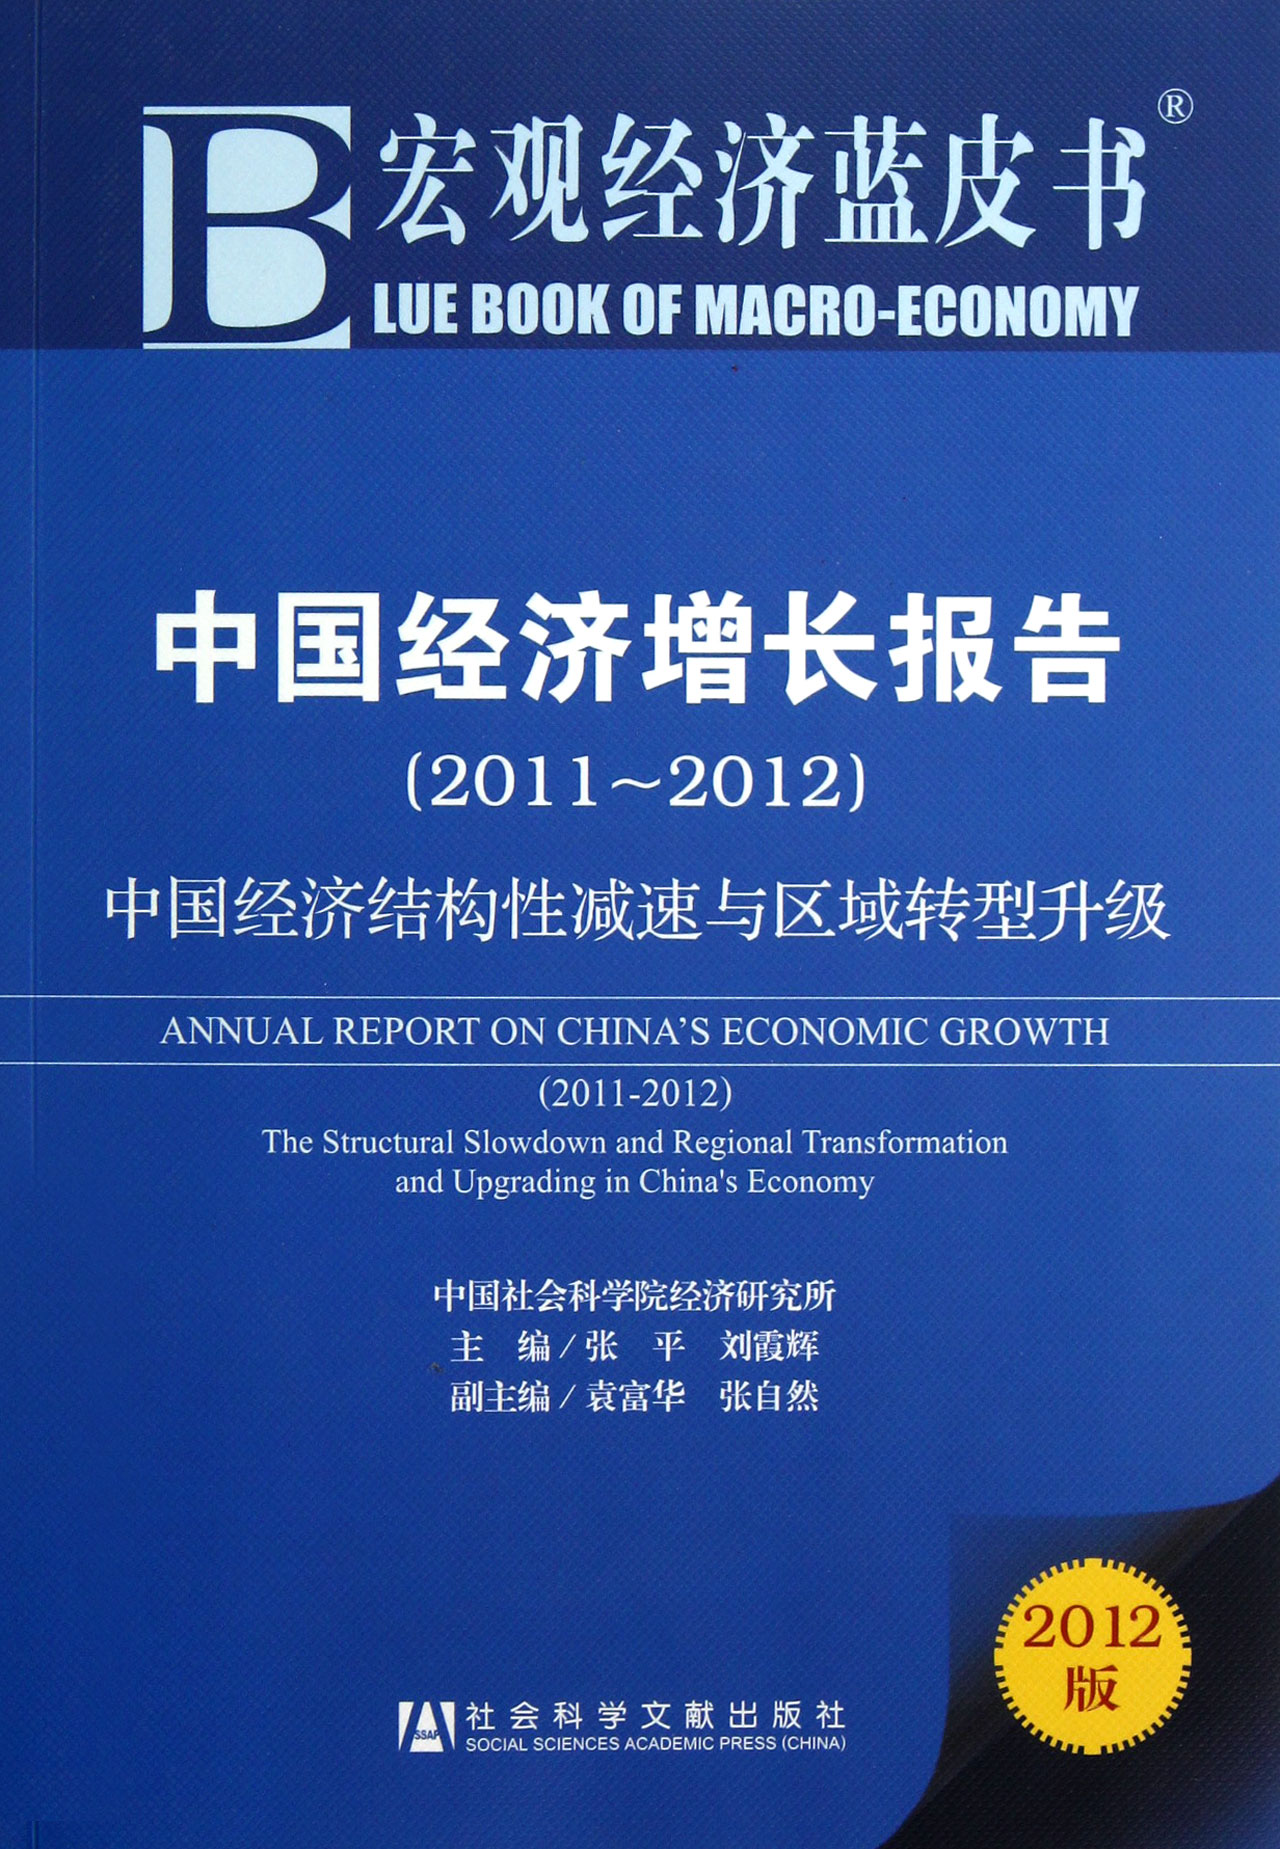 2011-2012中国经济结构性减速与区域转型升级2012版)